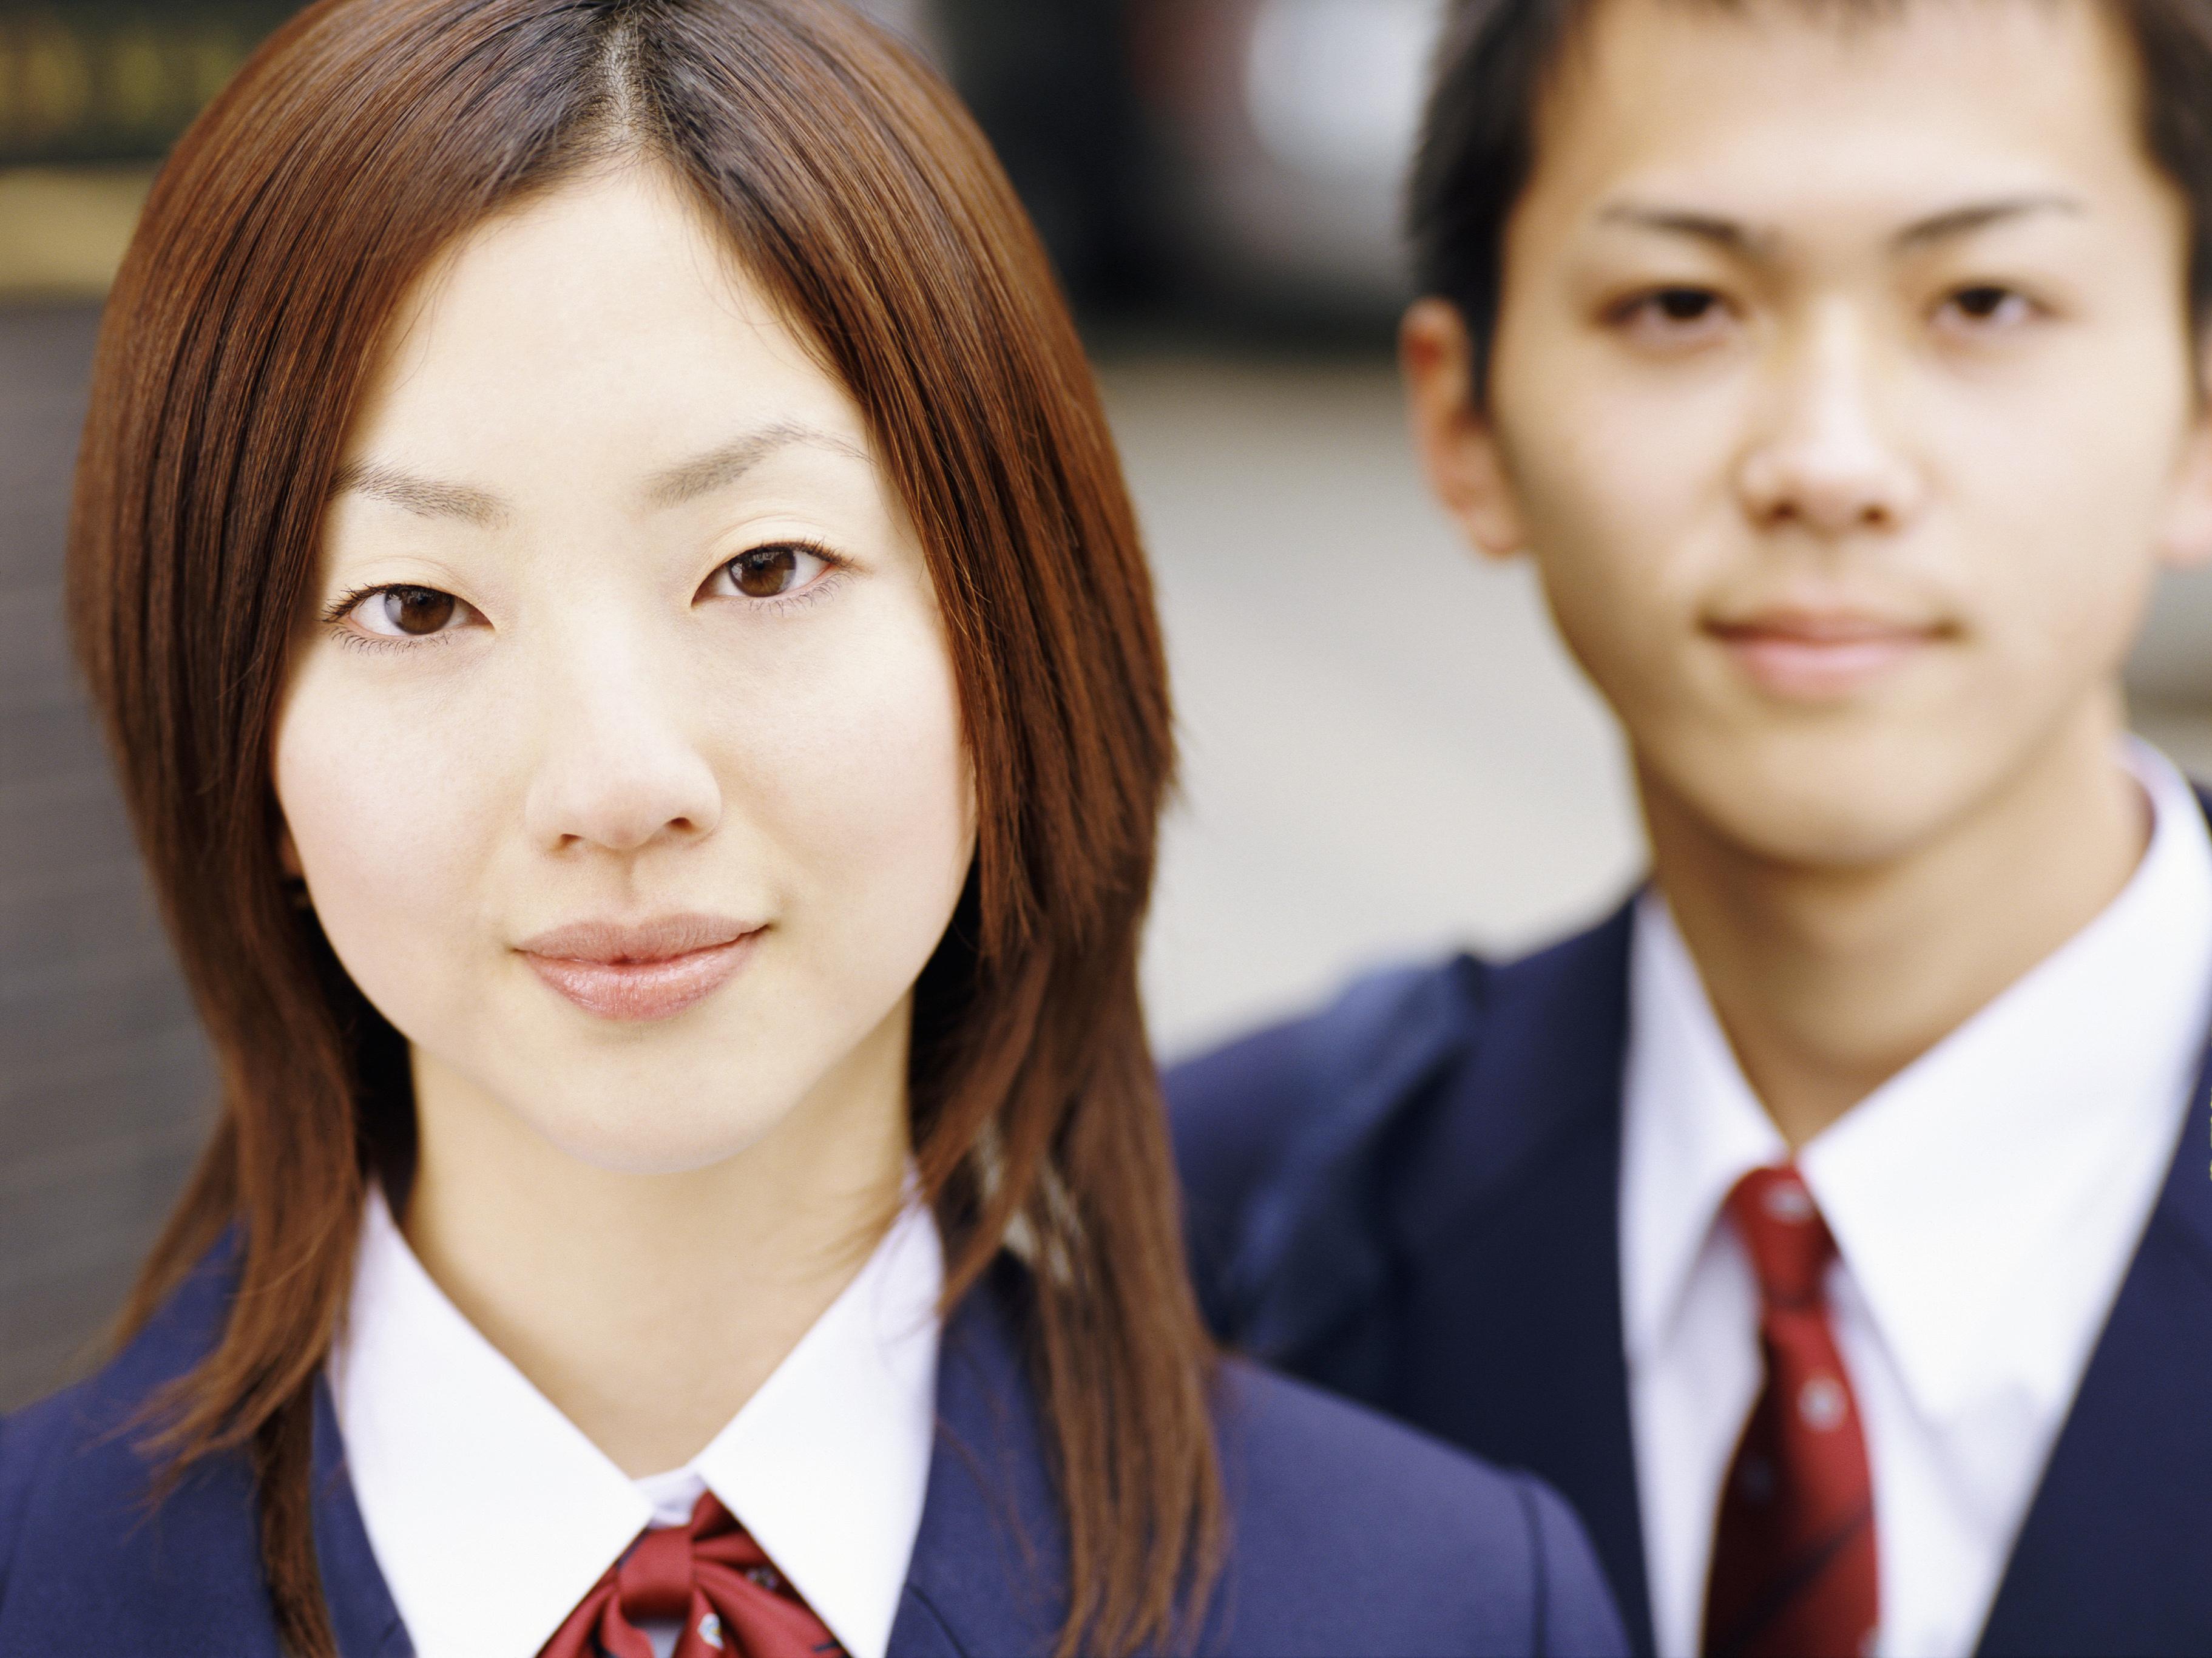 Bár itthon a középiskolákban, sőt, akár az általános iskolákban is járnak egymással fiúk és lányok, Japánban az ilyesmi tilos az iskola falain belül.